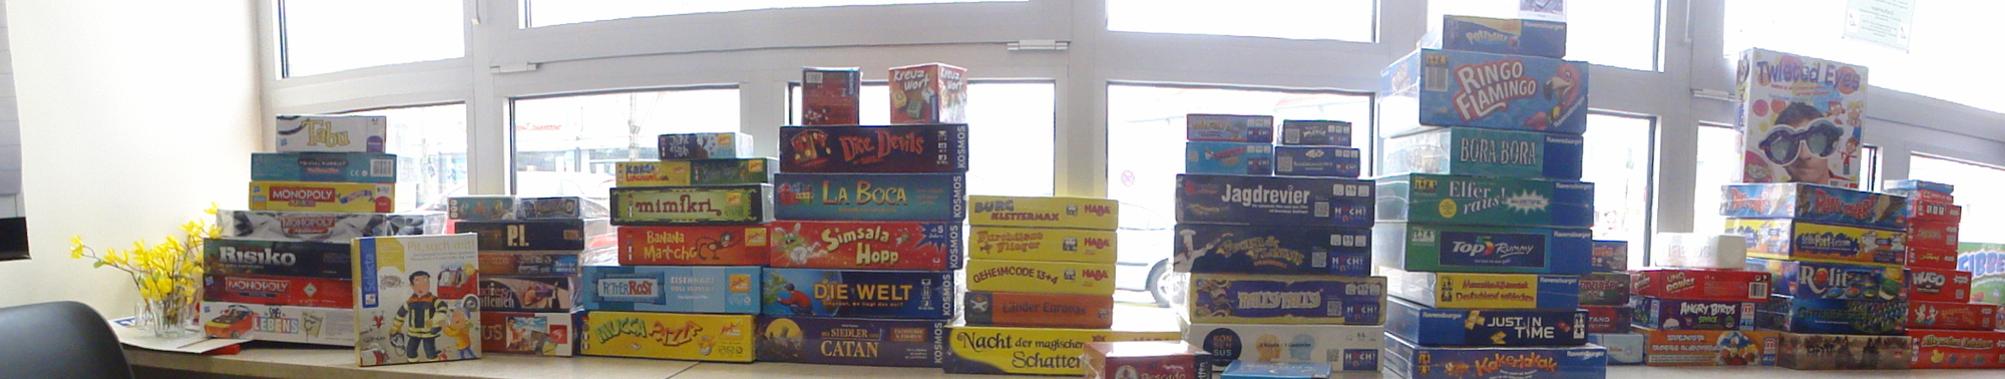 Spiele beim Symposium 2013